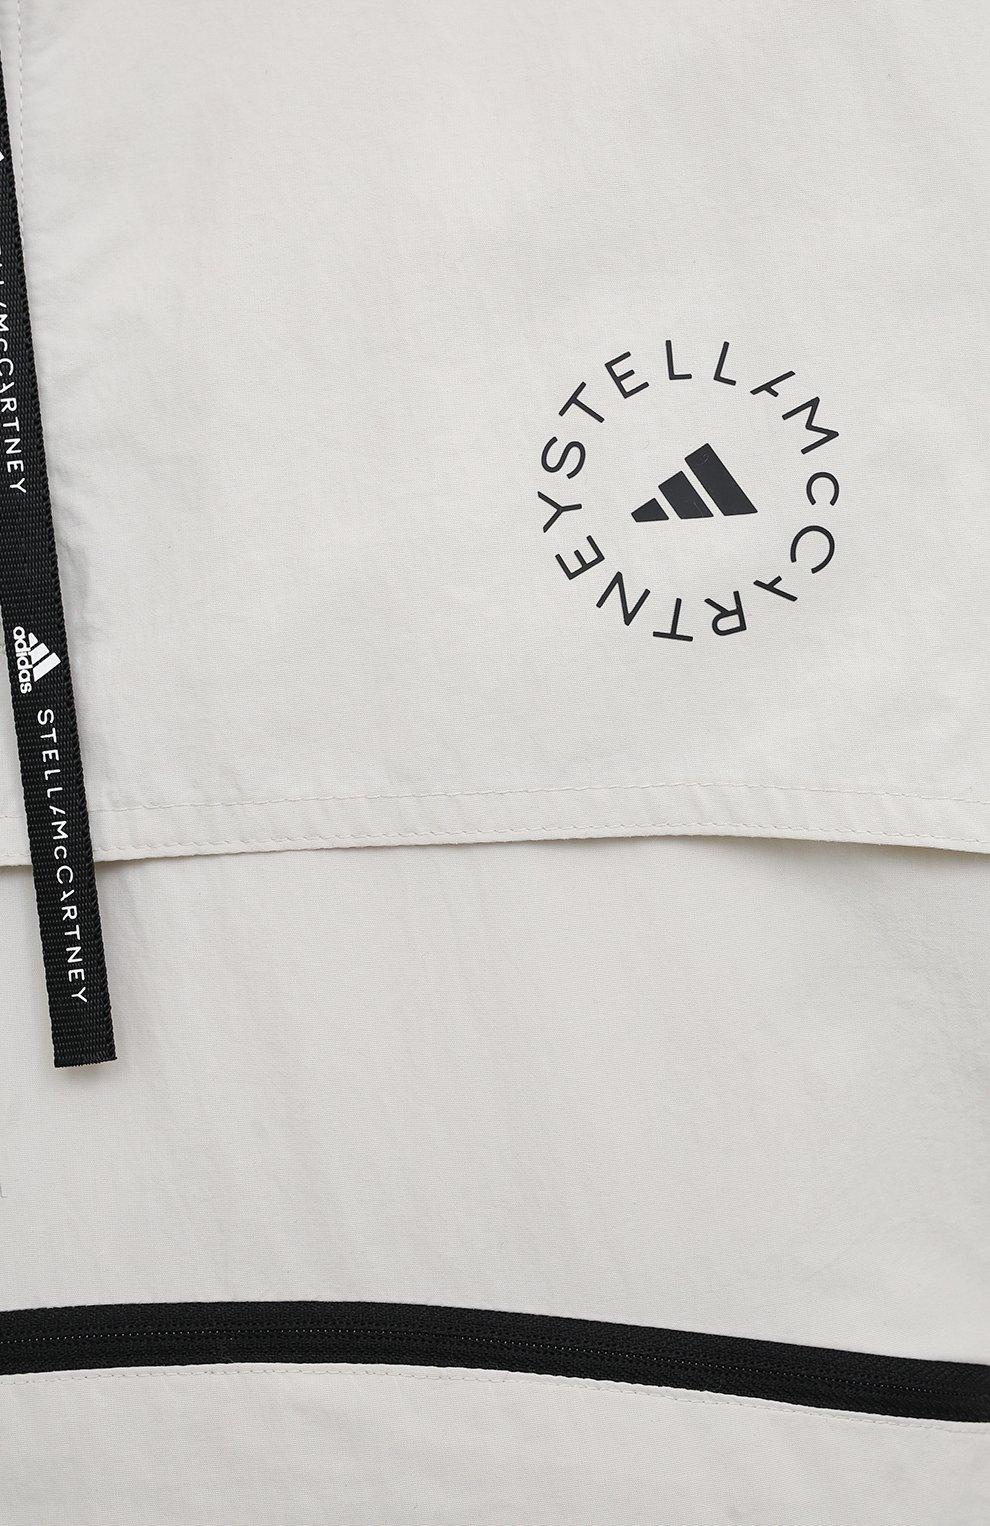 Женская ветровка ADIDAS BY STELLA MCCARTNEY серого цвета, арт. GL7630 | Фото 5 (Кросс-КТ: Куртка, Ветровка; Рукава: Длинные; Женское Кросс-КТ: Куртка-спорт; Материал внешний: Синтетический материал; Стили: Спорт-шик; Длина (верхняя одежда): Короткие)